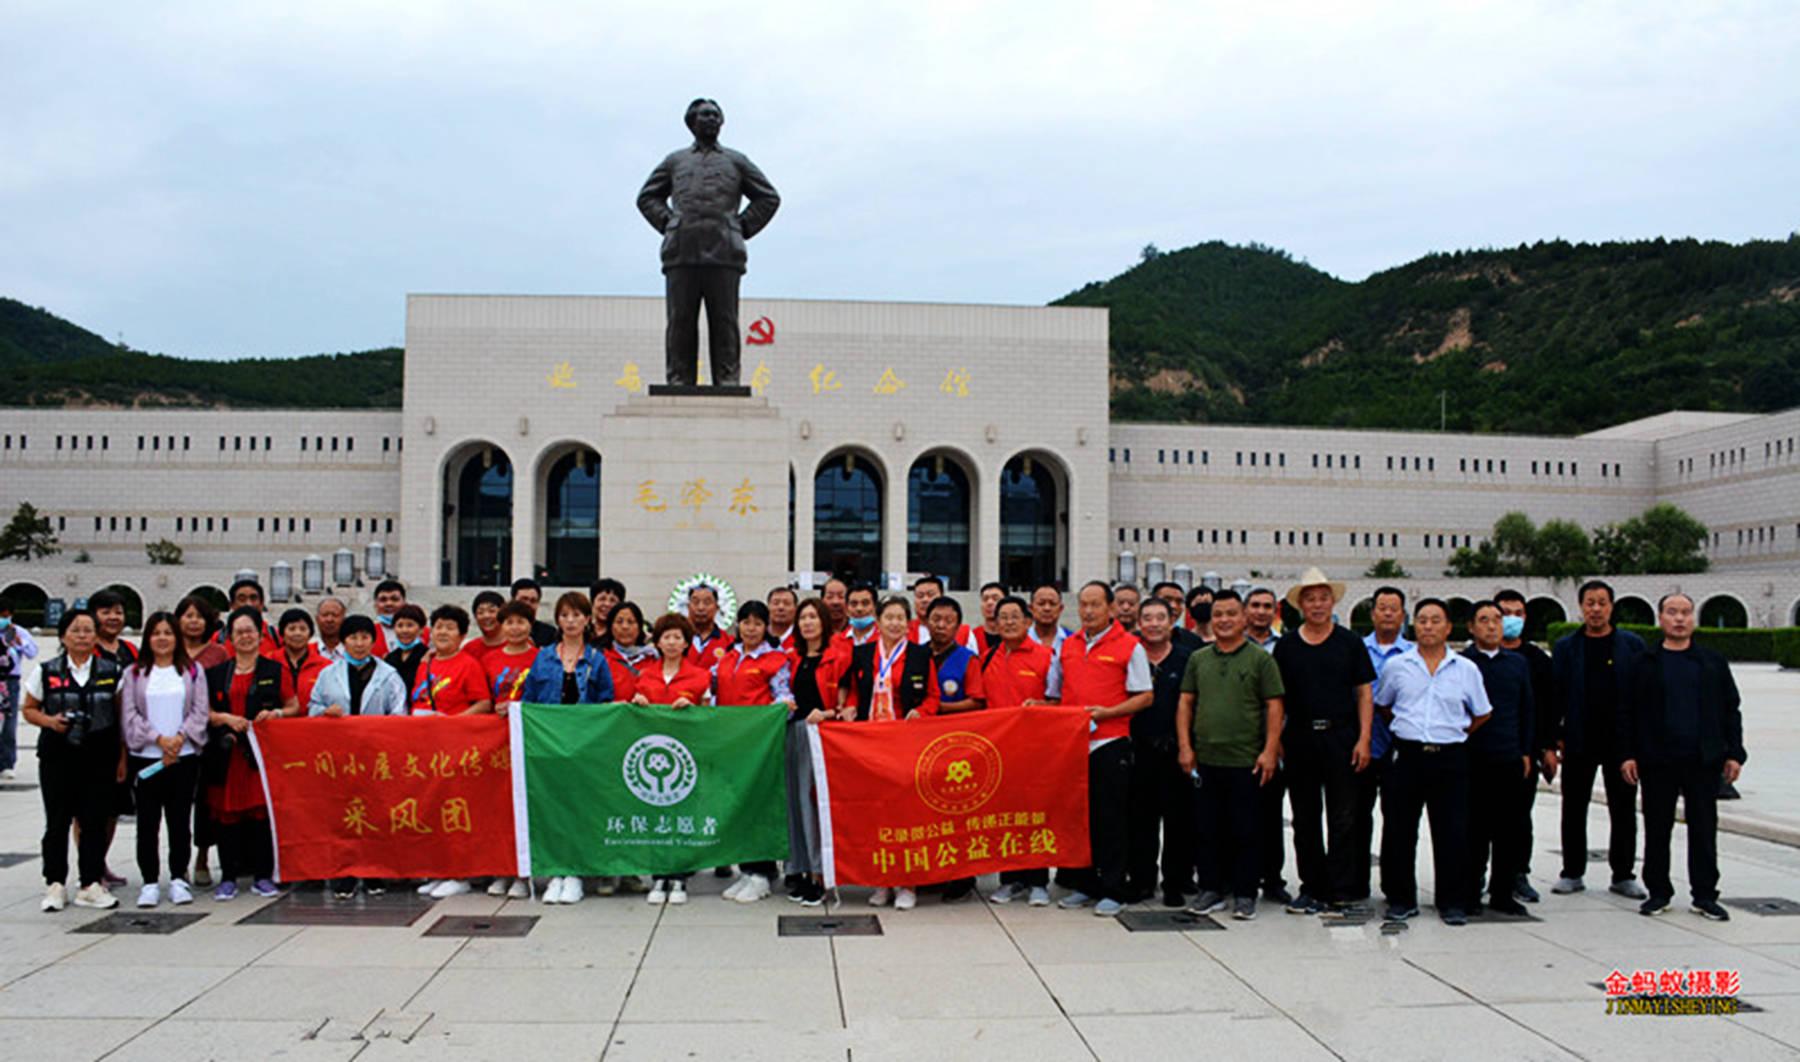 缅怀伟大领袖毛主席逝世44周年红色革命圣地延安行